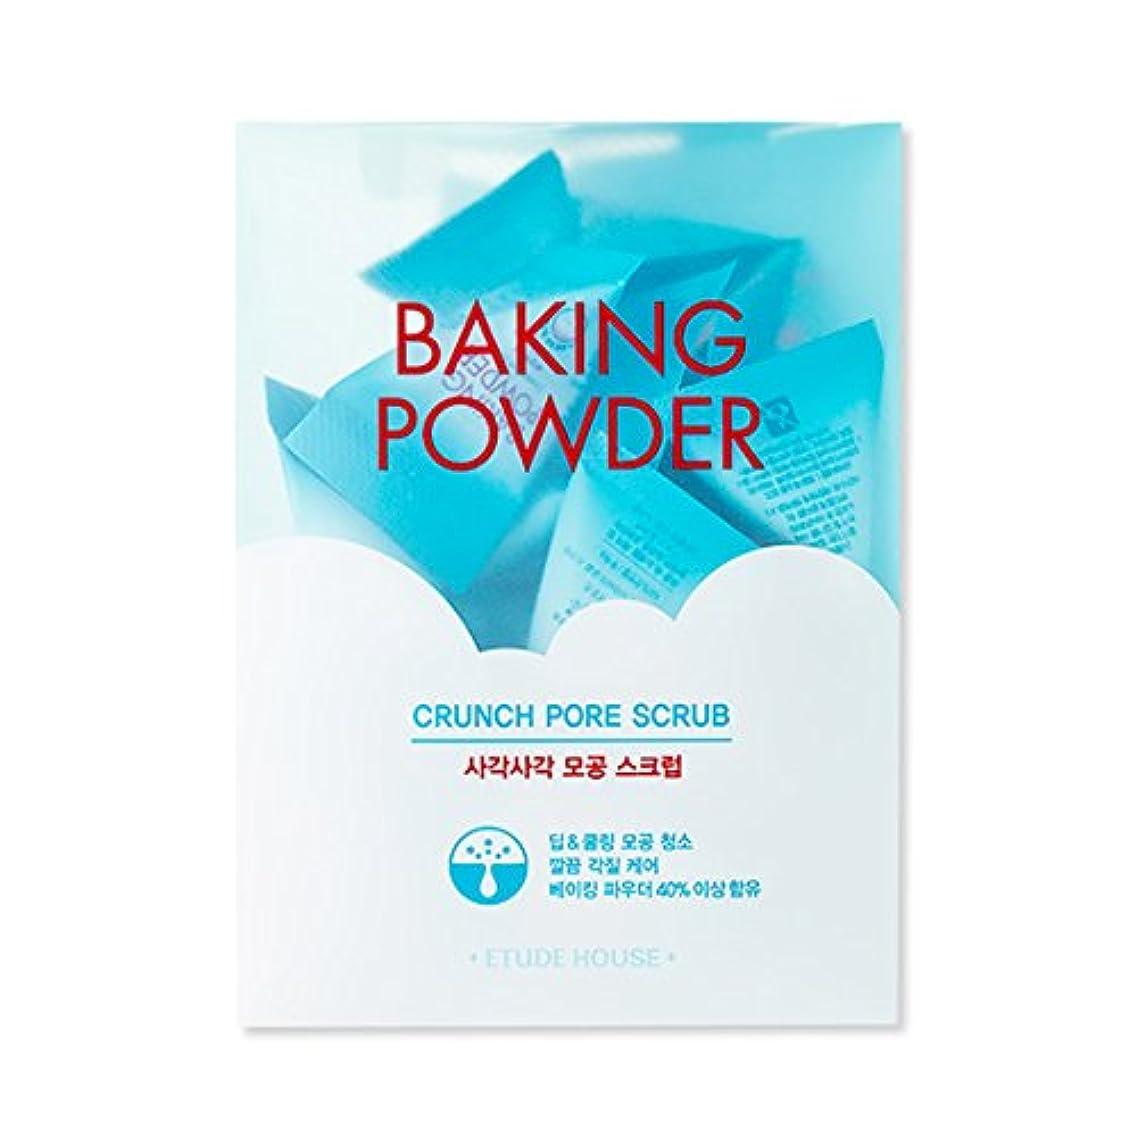 伝説ロータリー前投薬[2016 Upgrade!] ETUDE HOUSE Baking Powder Crunch Pore Scrub 7g×24ea/エチュードハウス ベーキング パウダー クランチ ポア スクラブ 7g×24ea [...